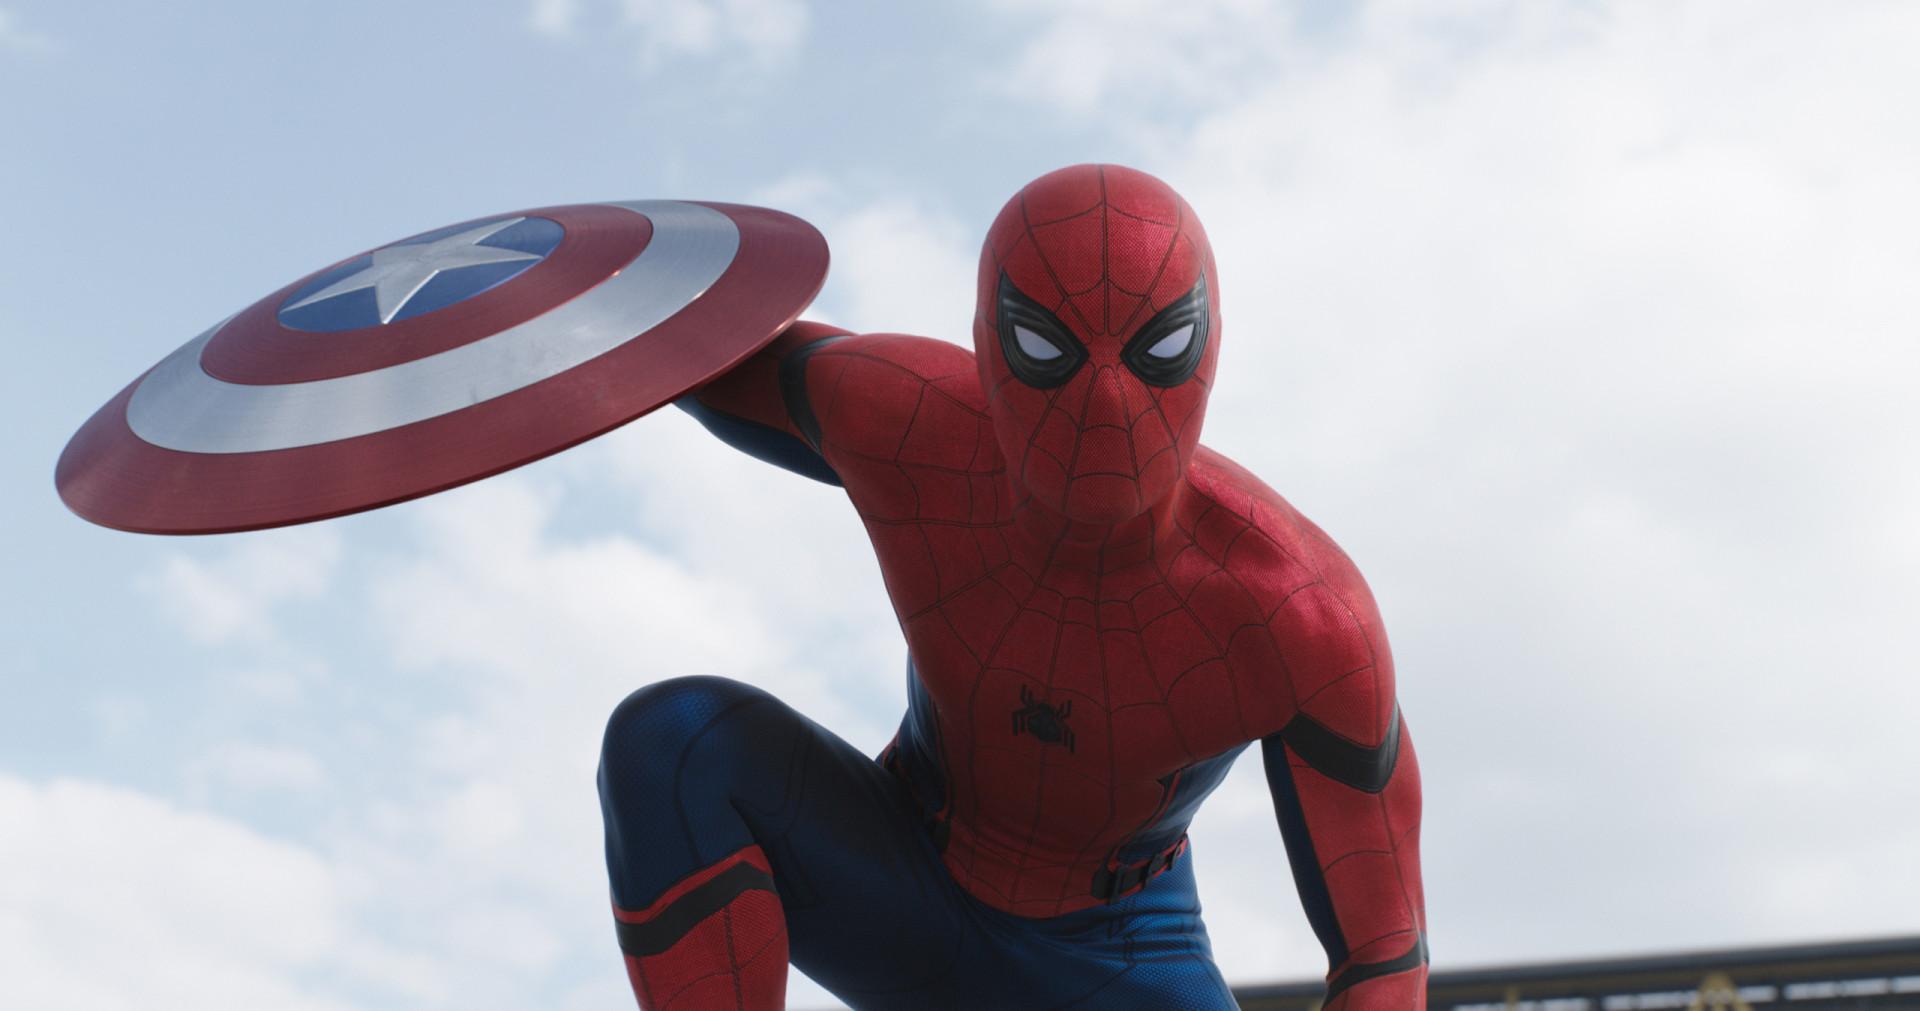 spiderman-copyright-SansiriBlog